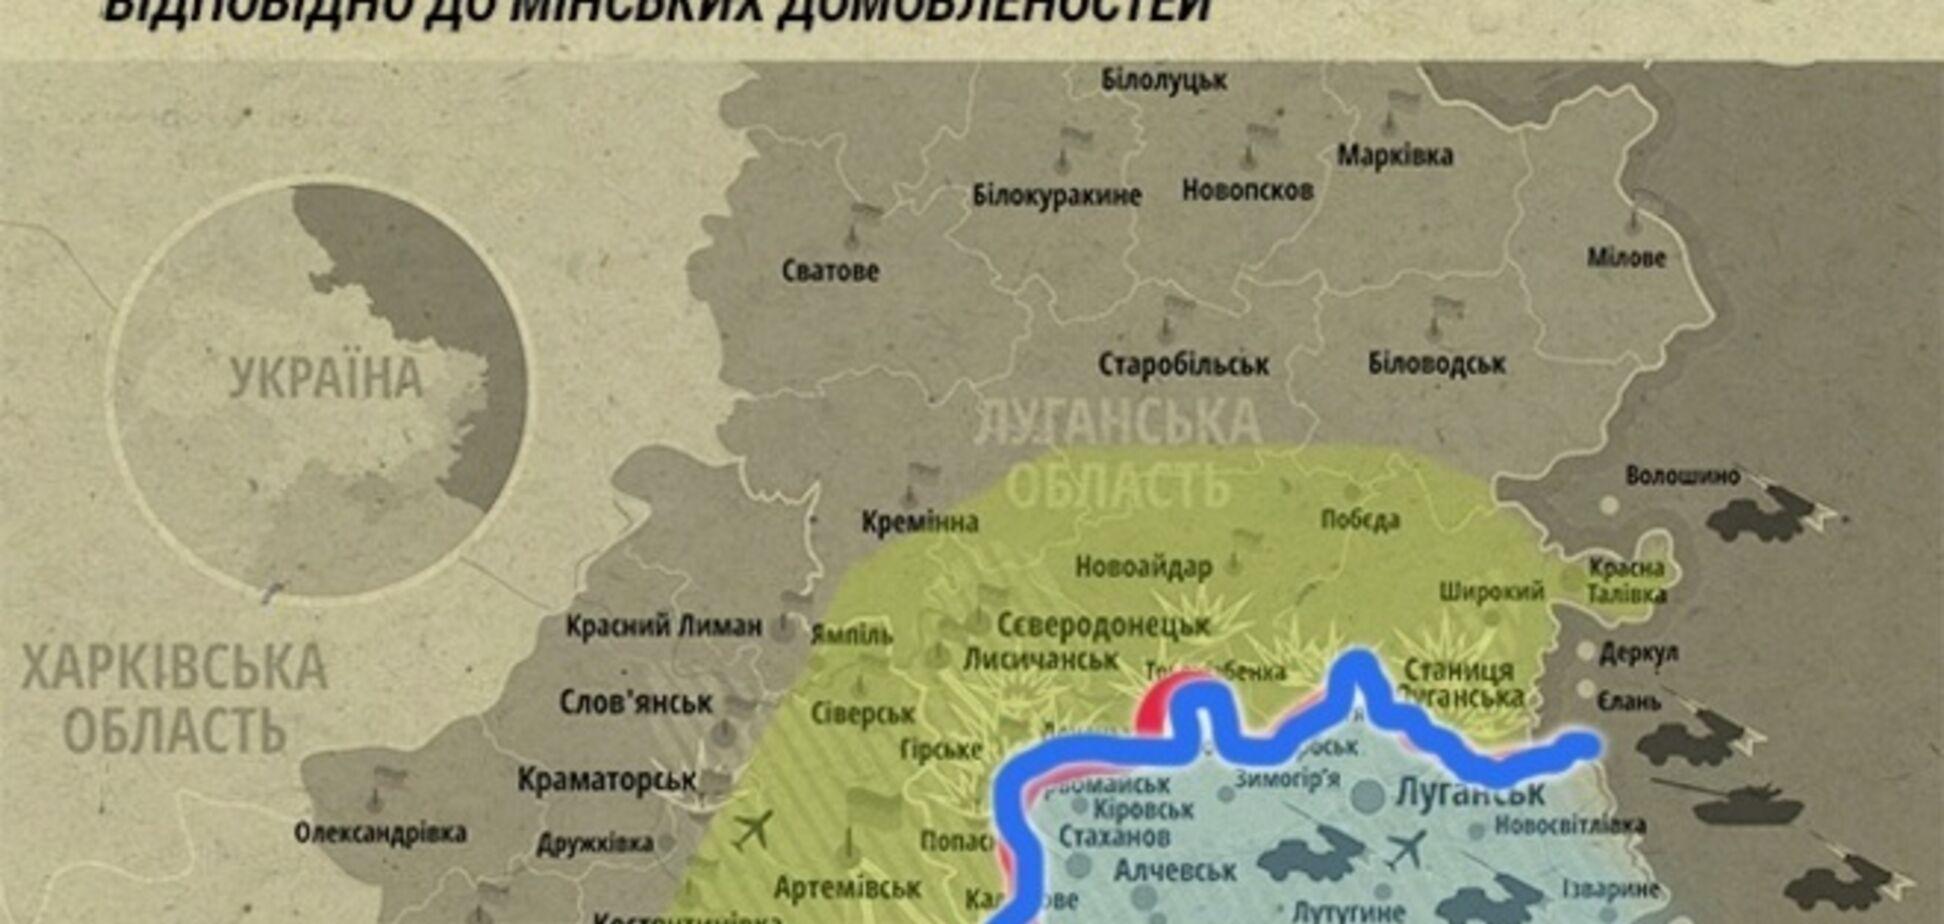 Куда стороны отведут вооружение согласно минскому соглашению: наглядная карта буферной зоны